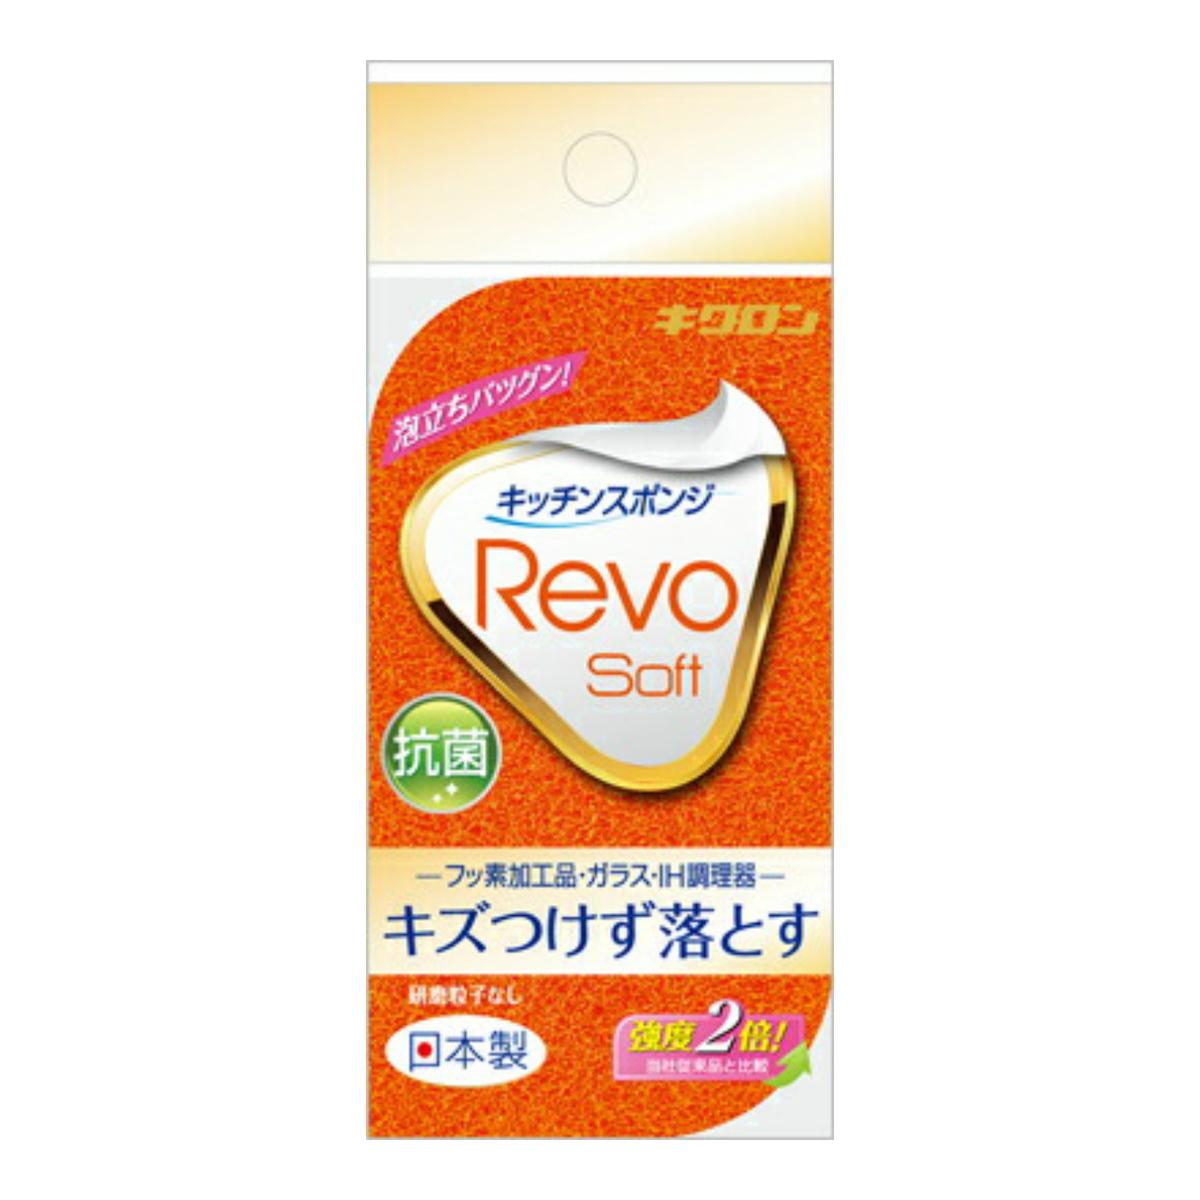 【送料無料】キクロン キクロンレボ・ソフト オレンジ 1個 泡立ち・水切れに優れた高通気性スポンジ×120点セット まとめ買い特価!ケース販売 ( 4548404101887 )